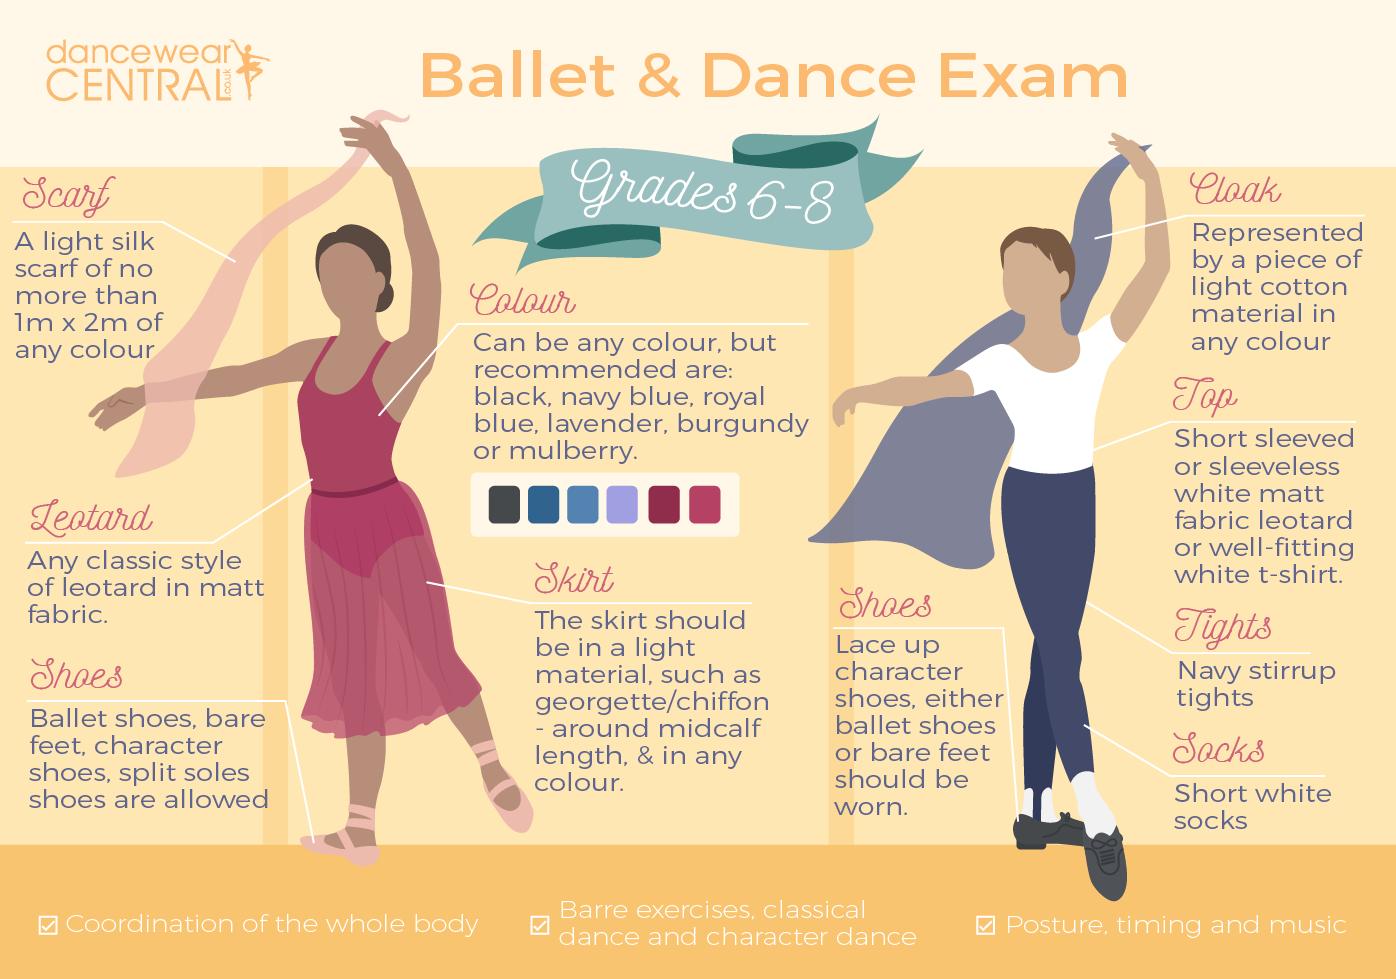 Ballet Exam grade 6-8 Uniform